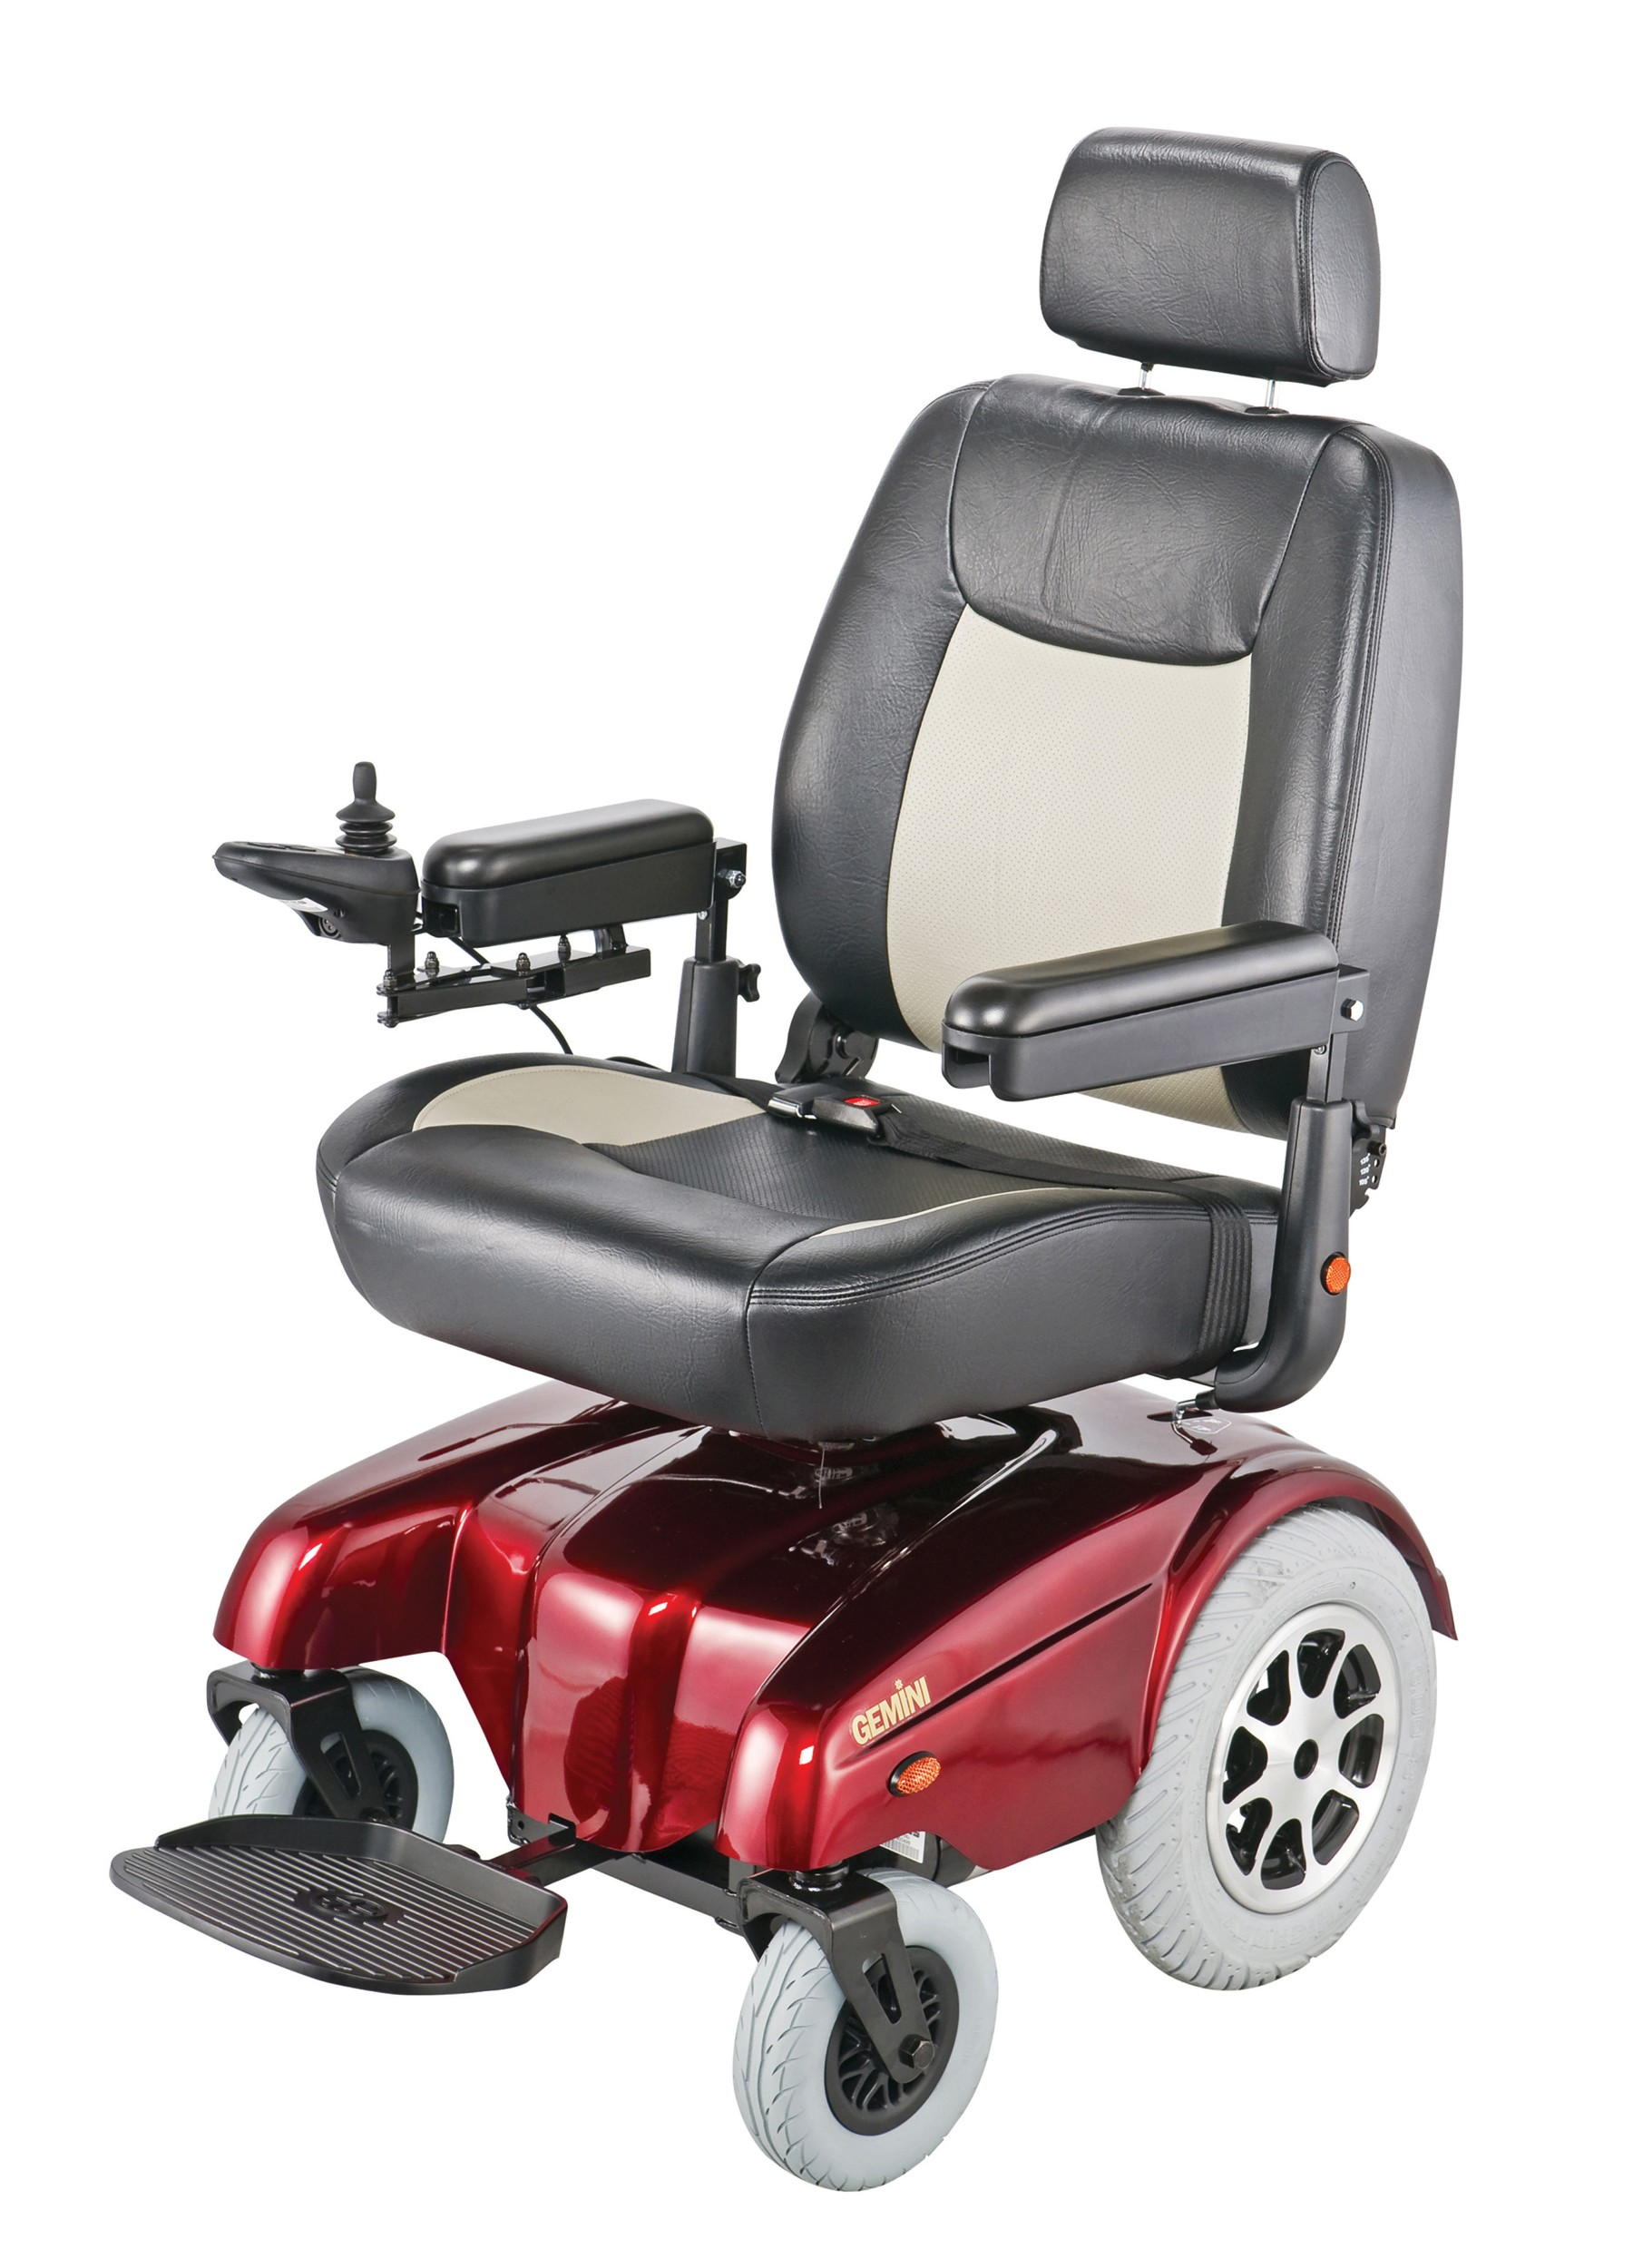 Merits health gemini heavy duty power chair wheelchair for Mobility chair